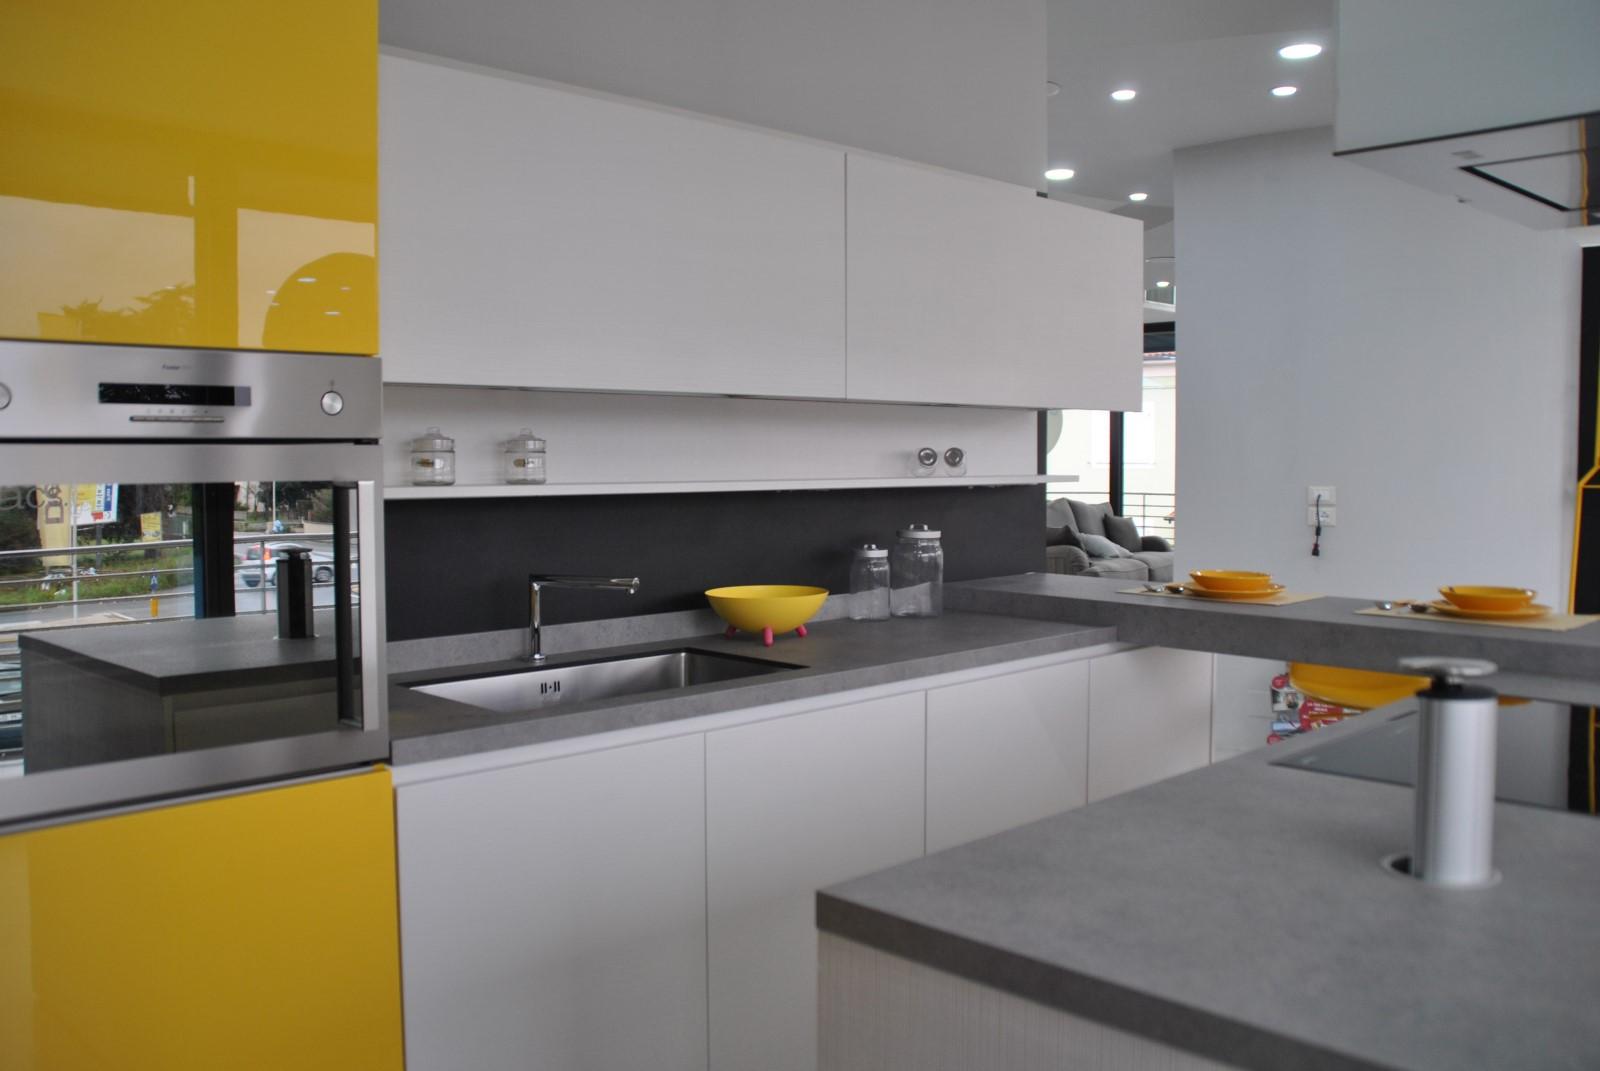 Centro cucine lucca progetto casa arredamenti for Progetto casa arredamenti